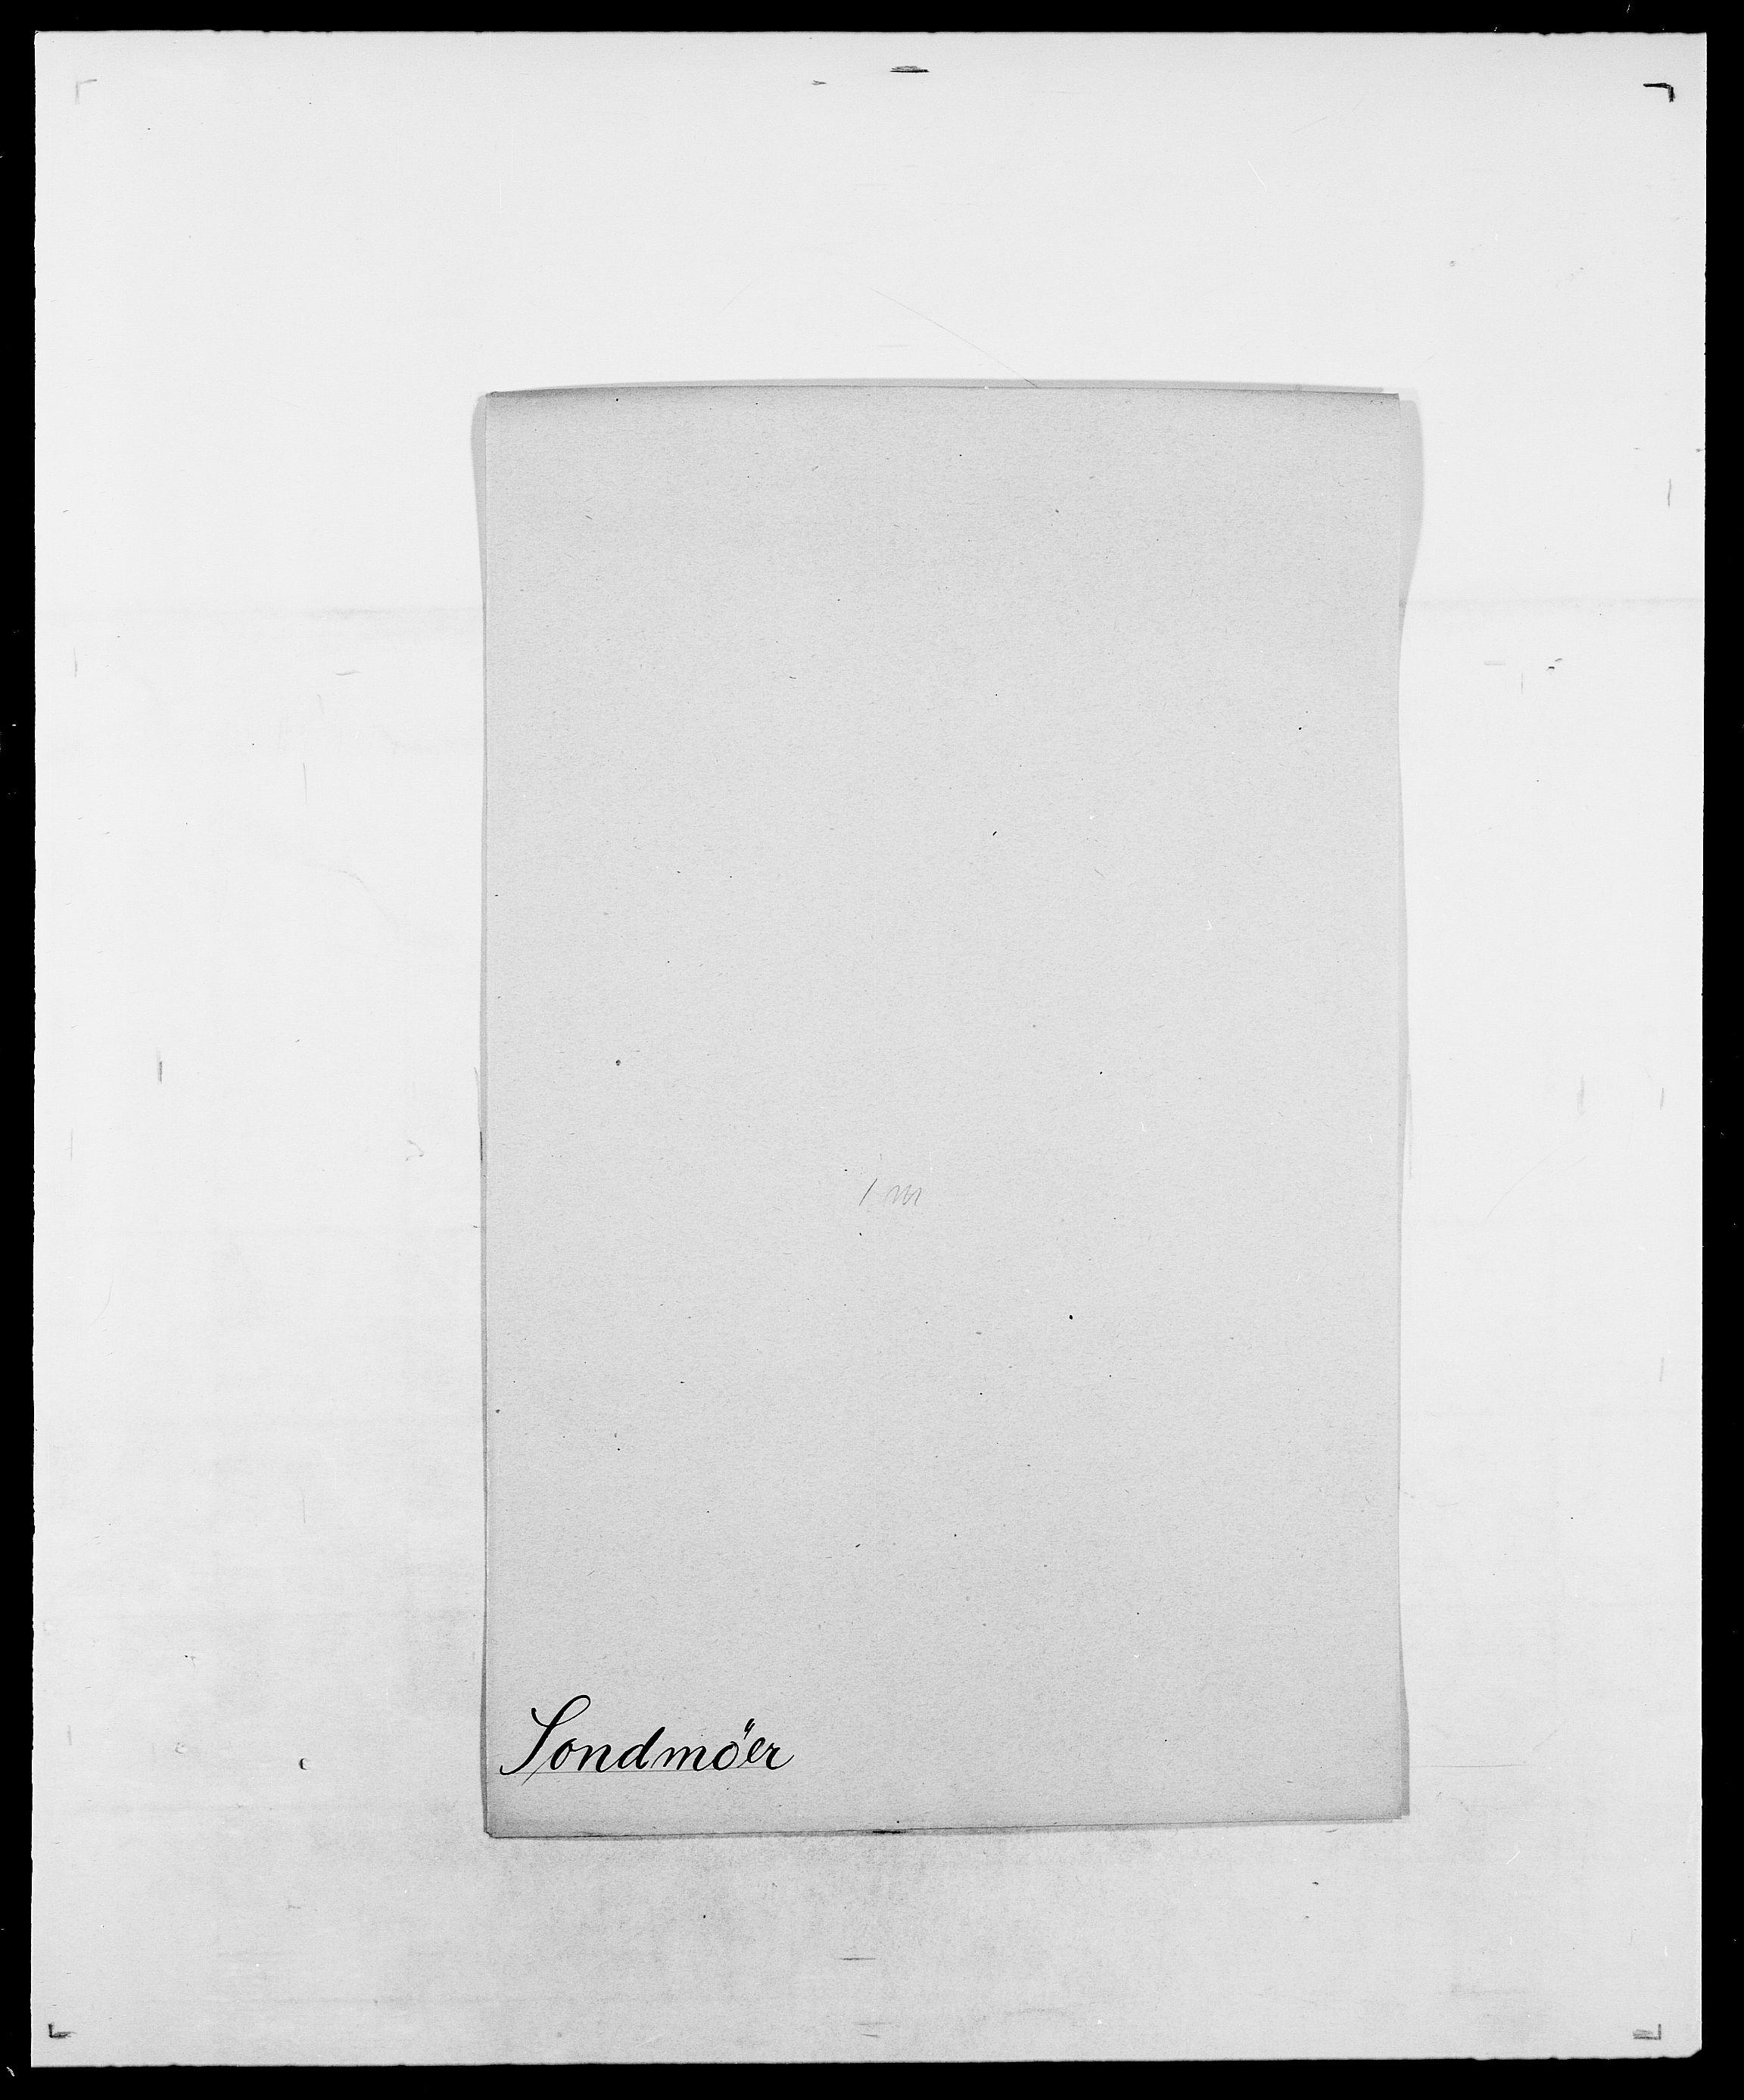 SAO, Delgobe, Charles Antoine - samling, D/Da/L0036: Skaanør - Staverskov, s. 488